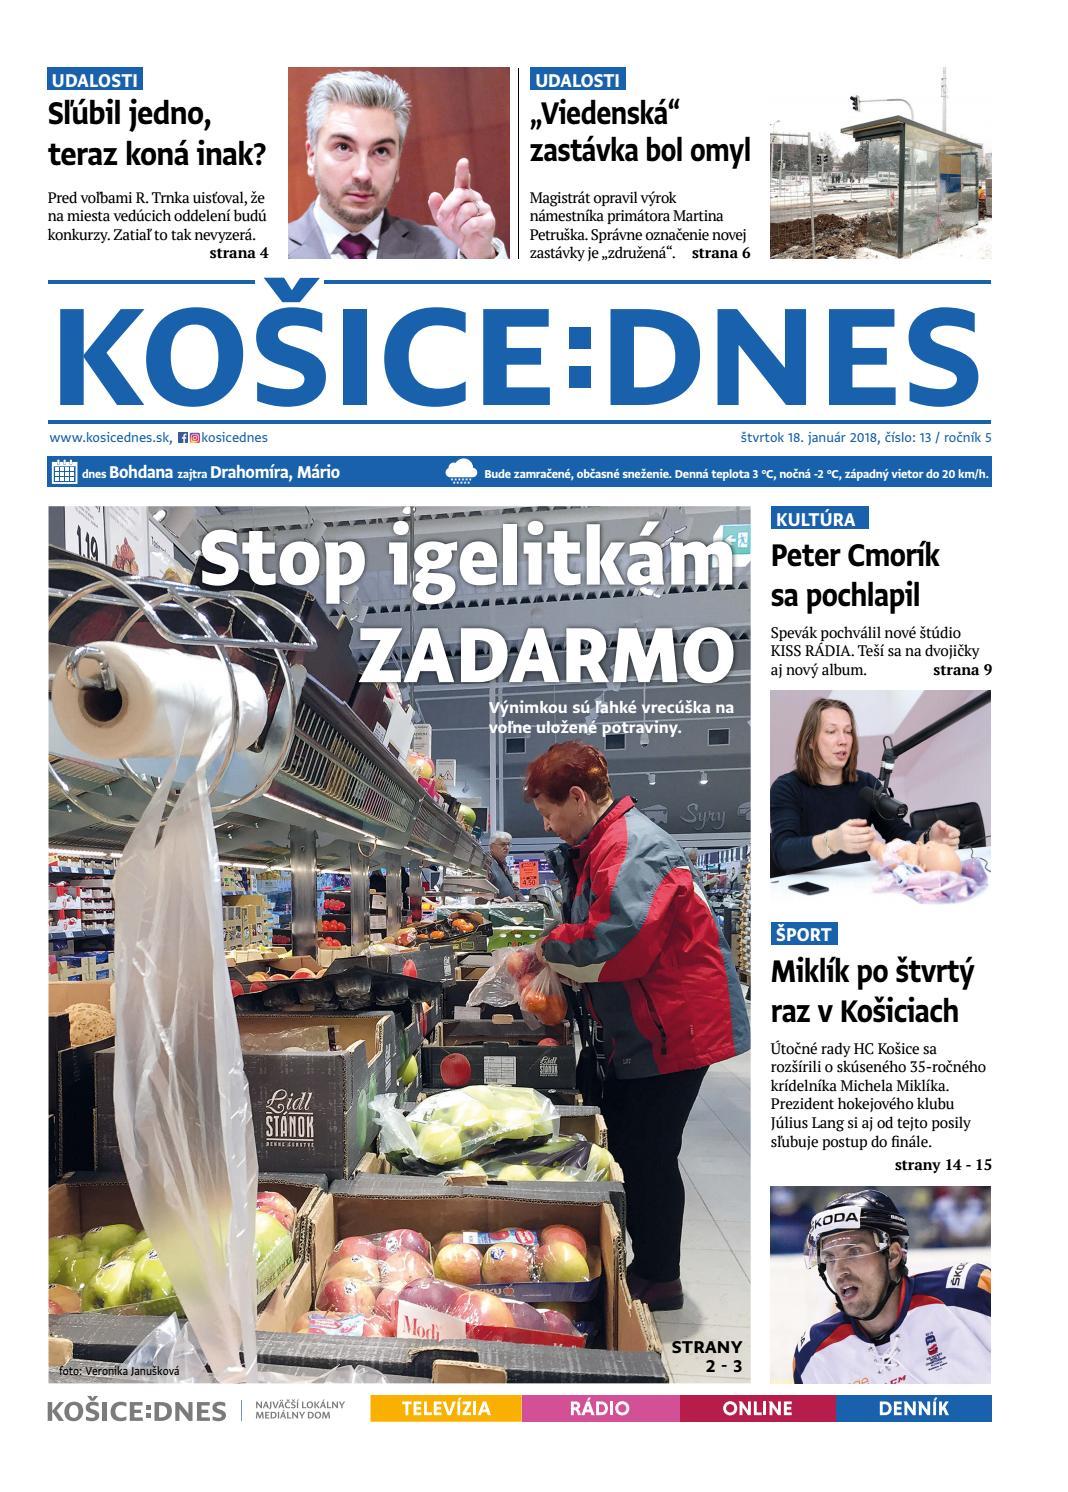 1dcbc6f05 KOŠICE:DNES 18.1.2018 by KOŠICE:DNES - issuu